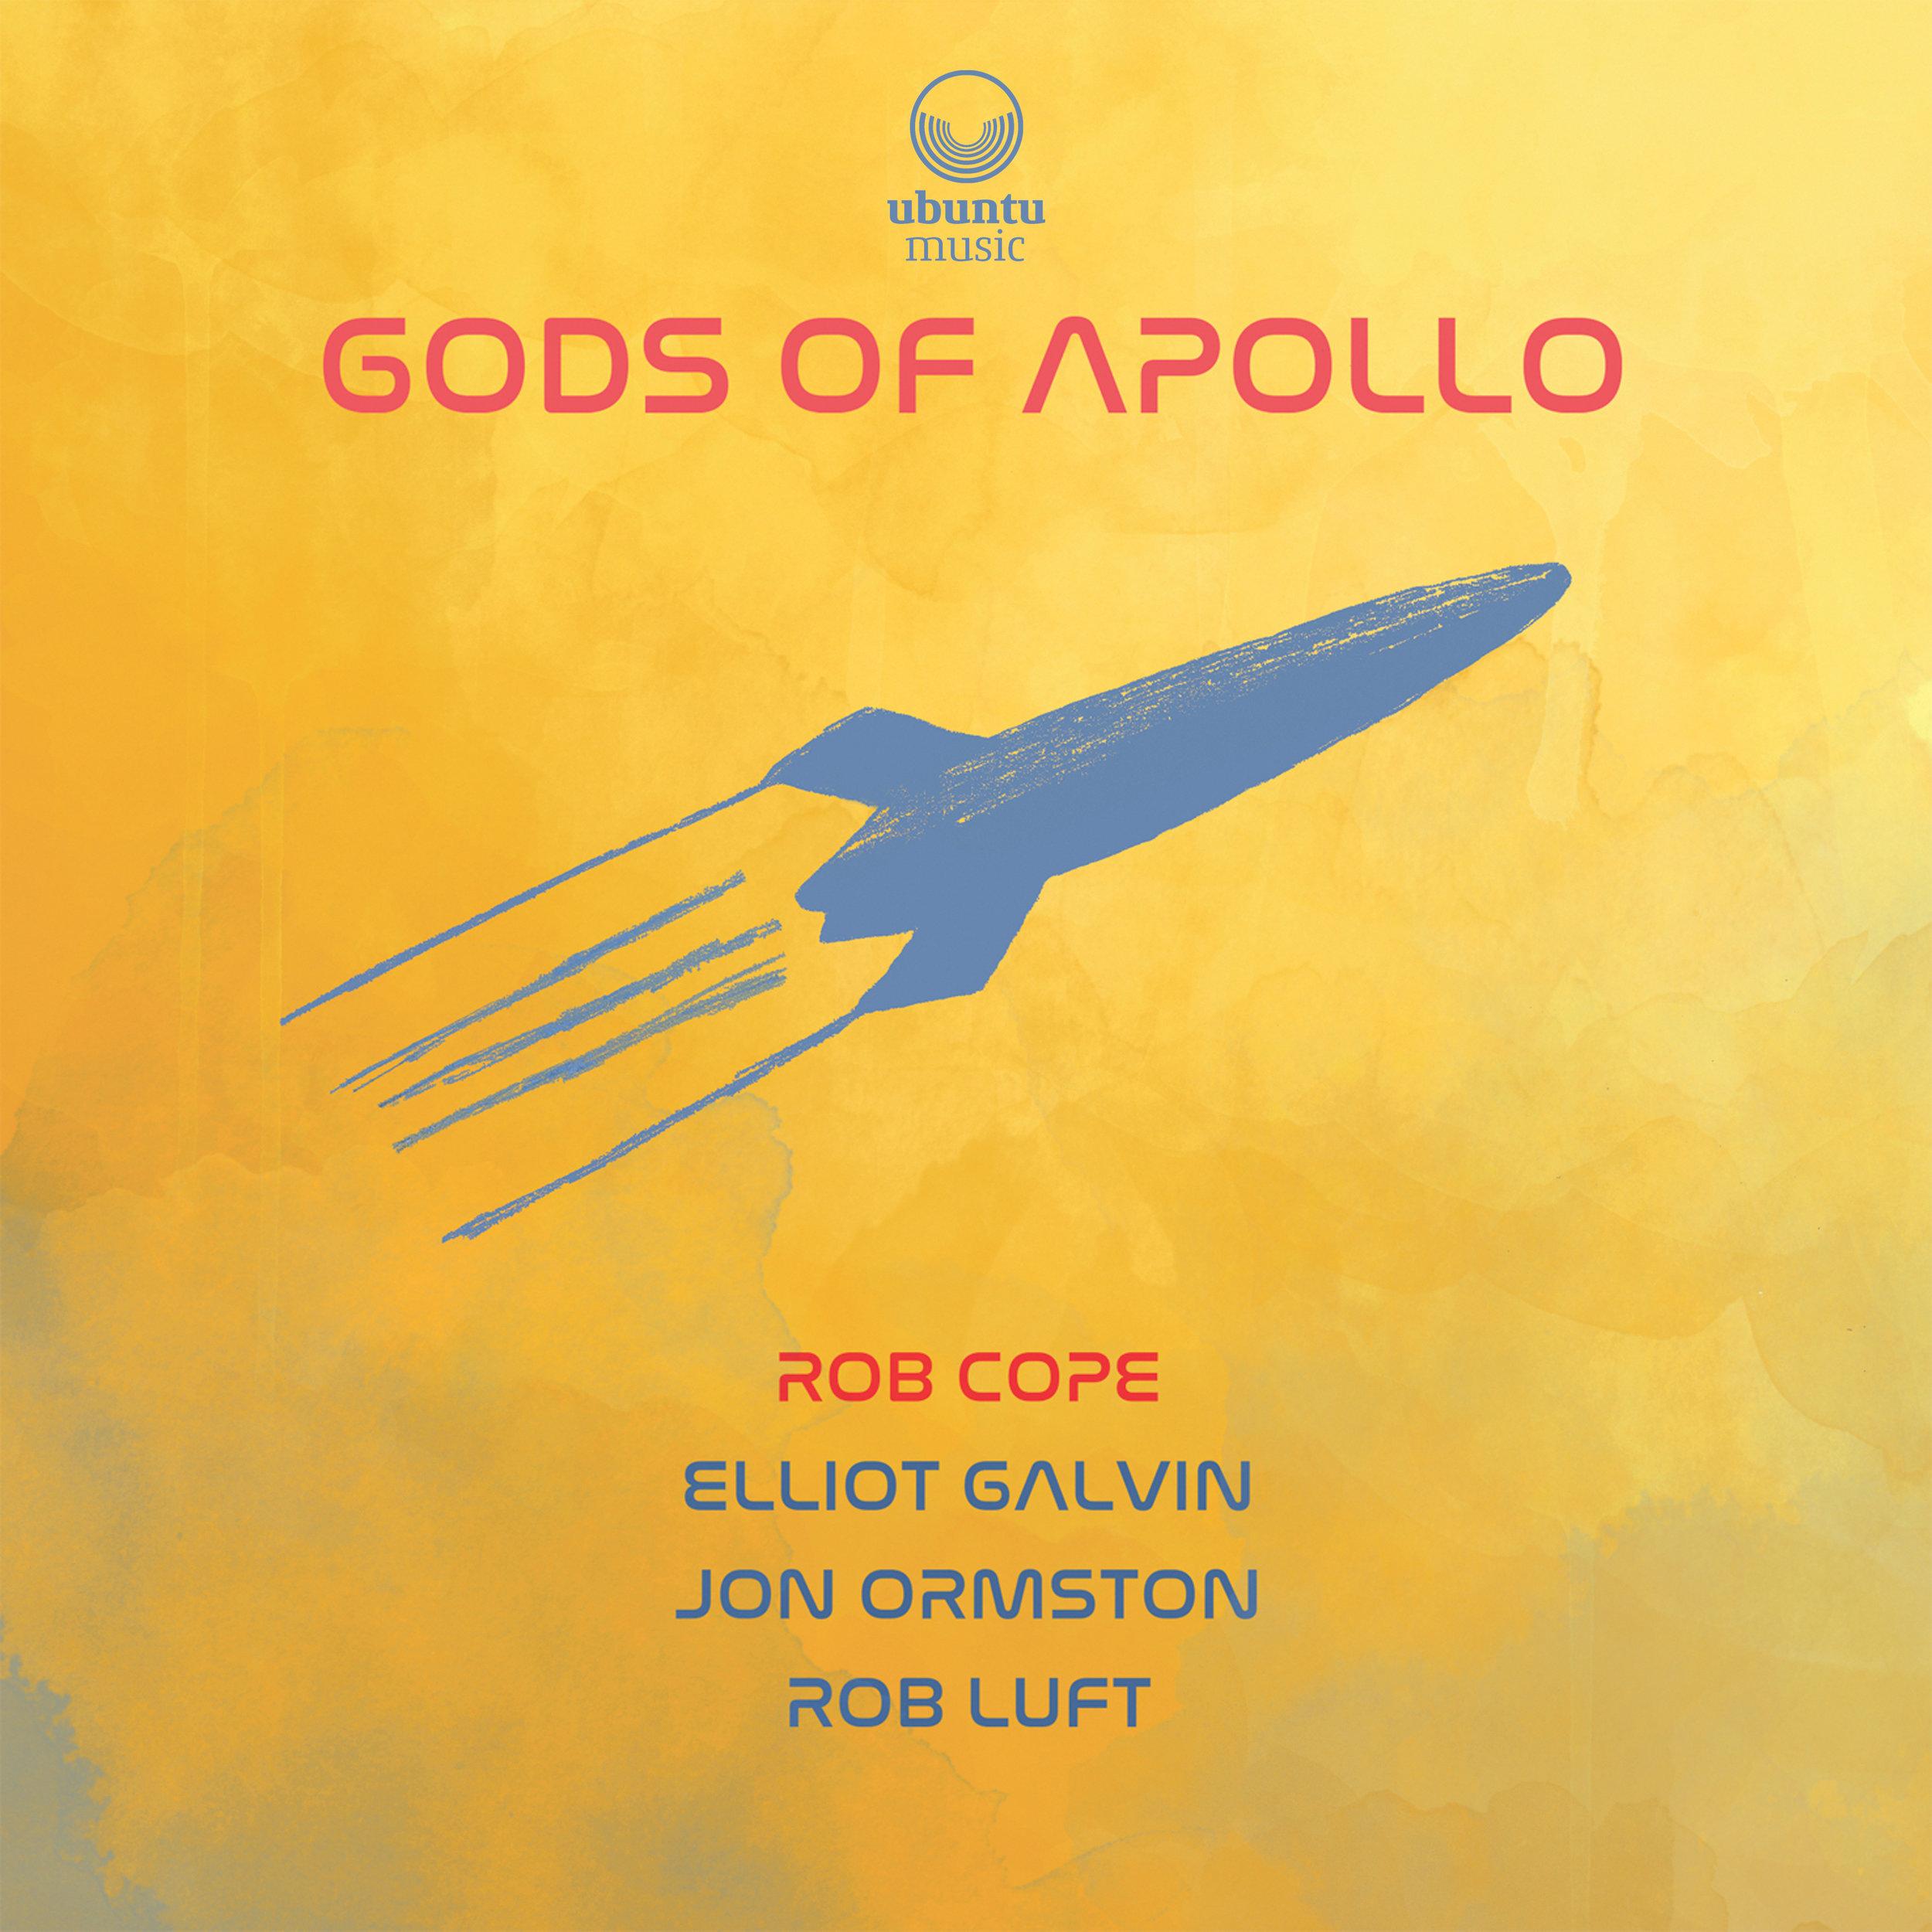 UBU0020_Rob Cope_Gods of Apollo_3000x3000_cov.jpg